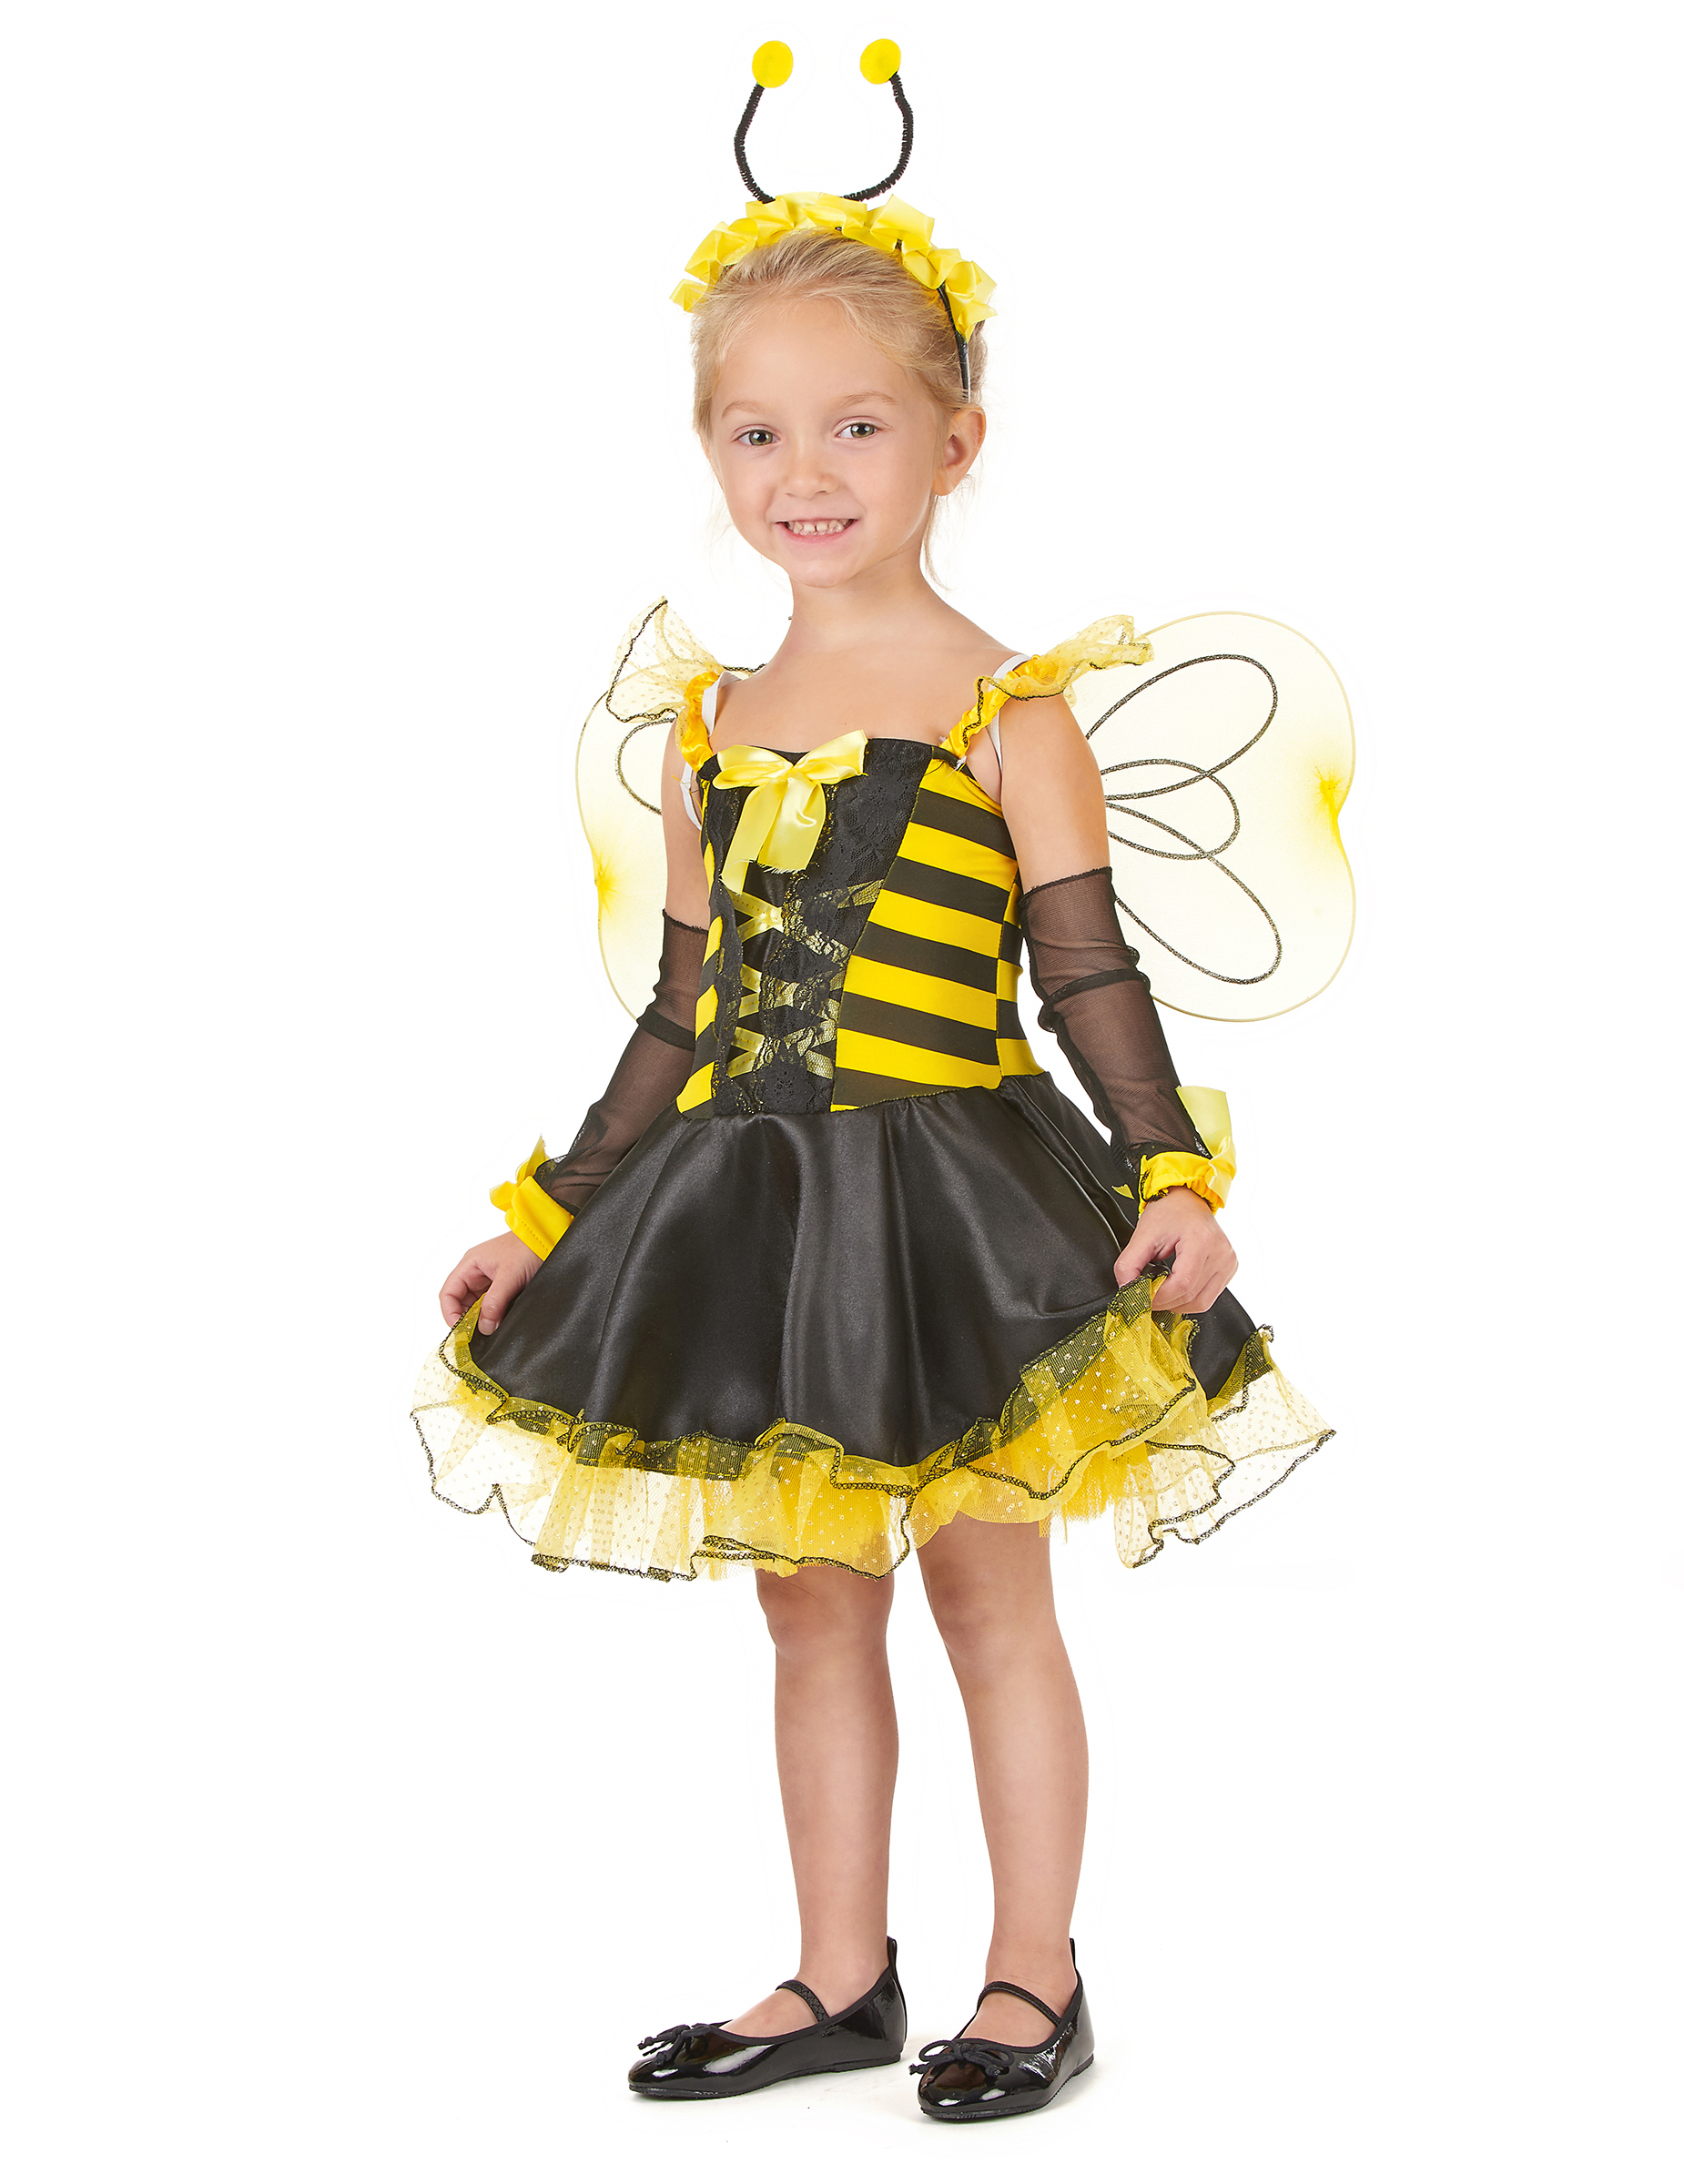 D guisement abeille fille achat de d guisements enfants sur vegaoopro grossiste en d guisements - Deguisement petite fille ...